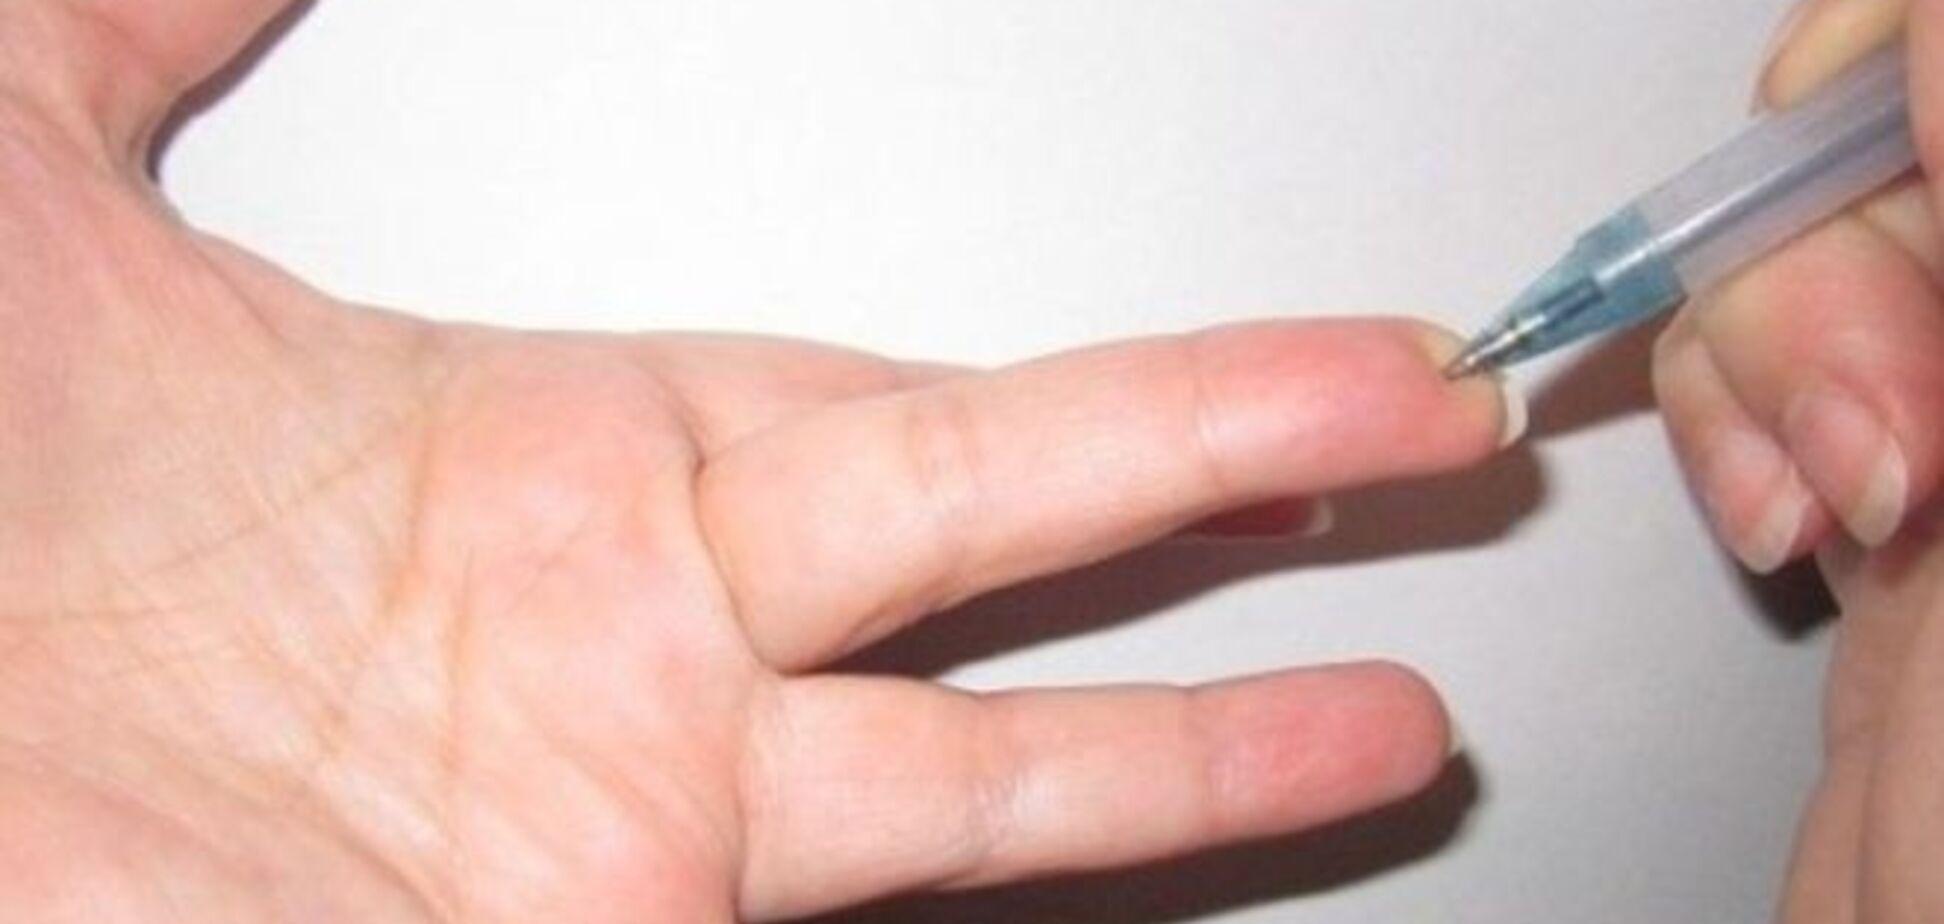 Особая точка на пальце, которая резко снижает давление